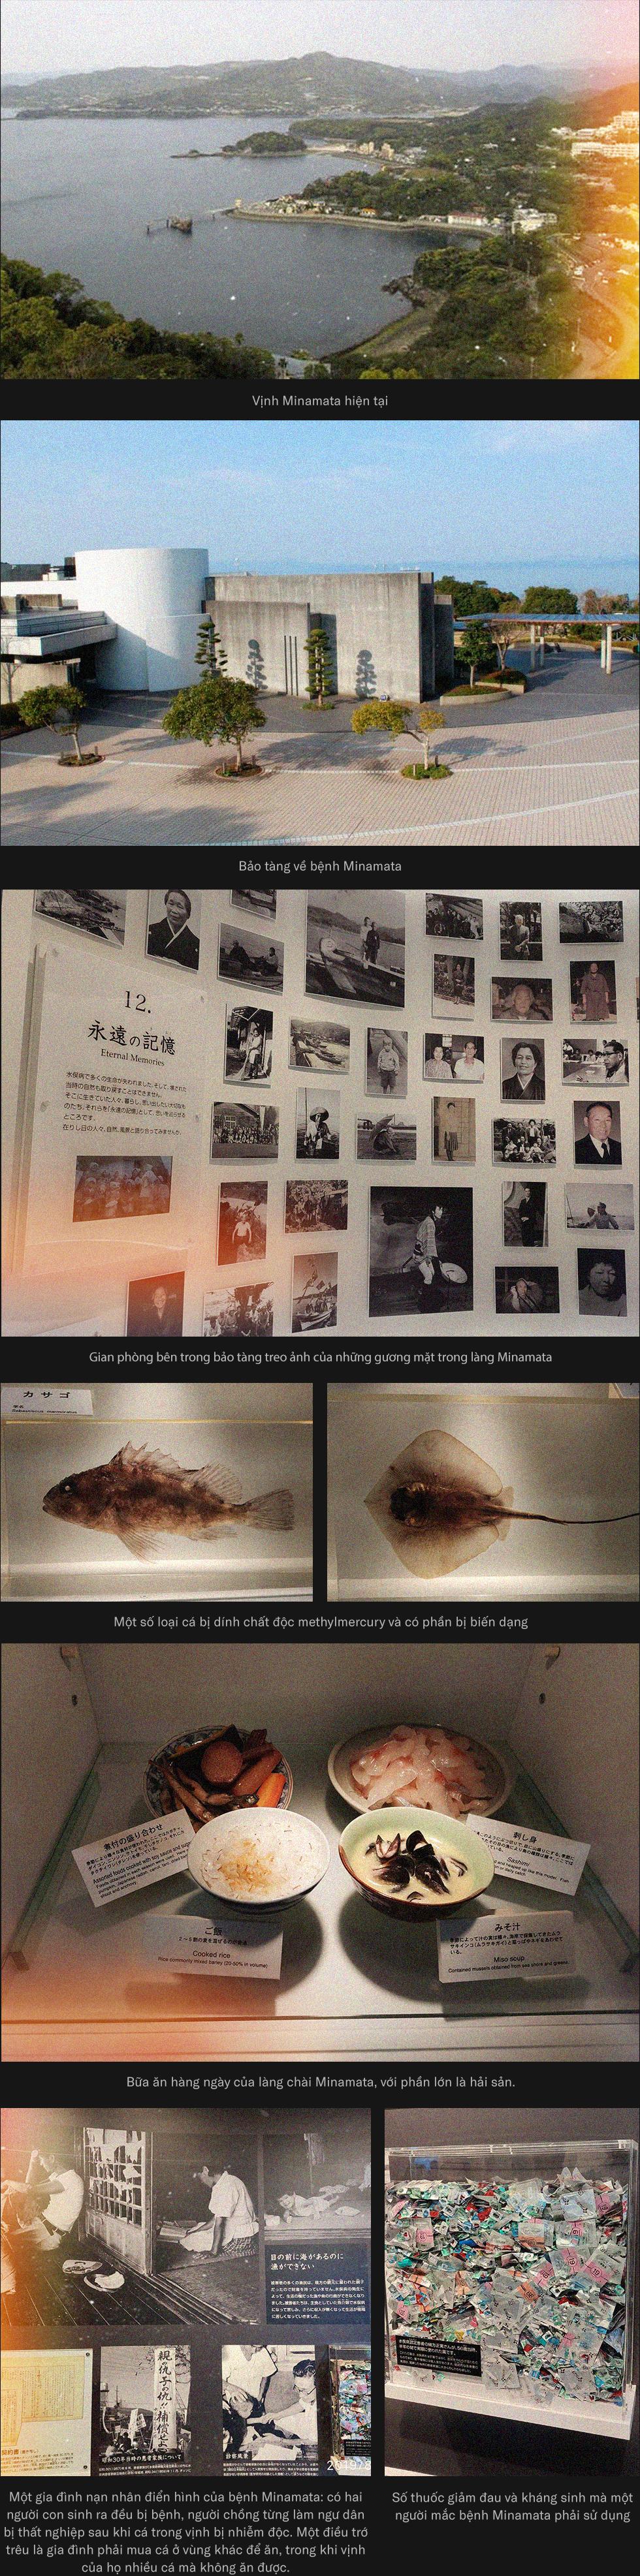 Minamata - căn bệnh từ thảm họa ngộ độc thủy ngân vô tiền khoáng hậu trên thế giới - Ảnh 16.